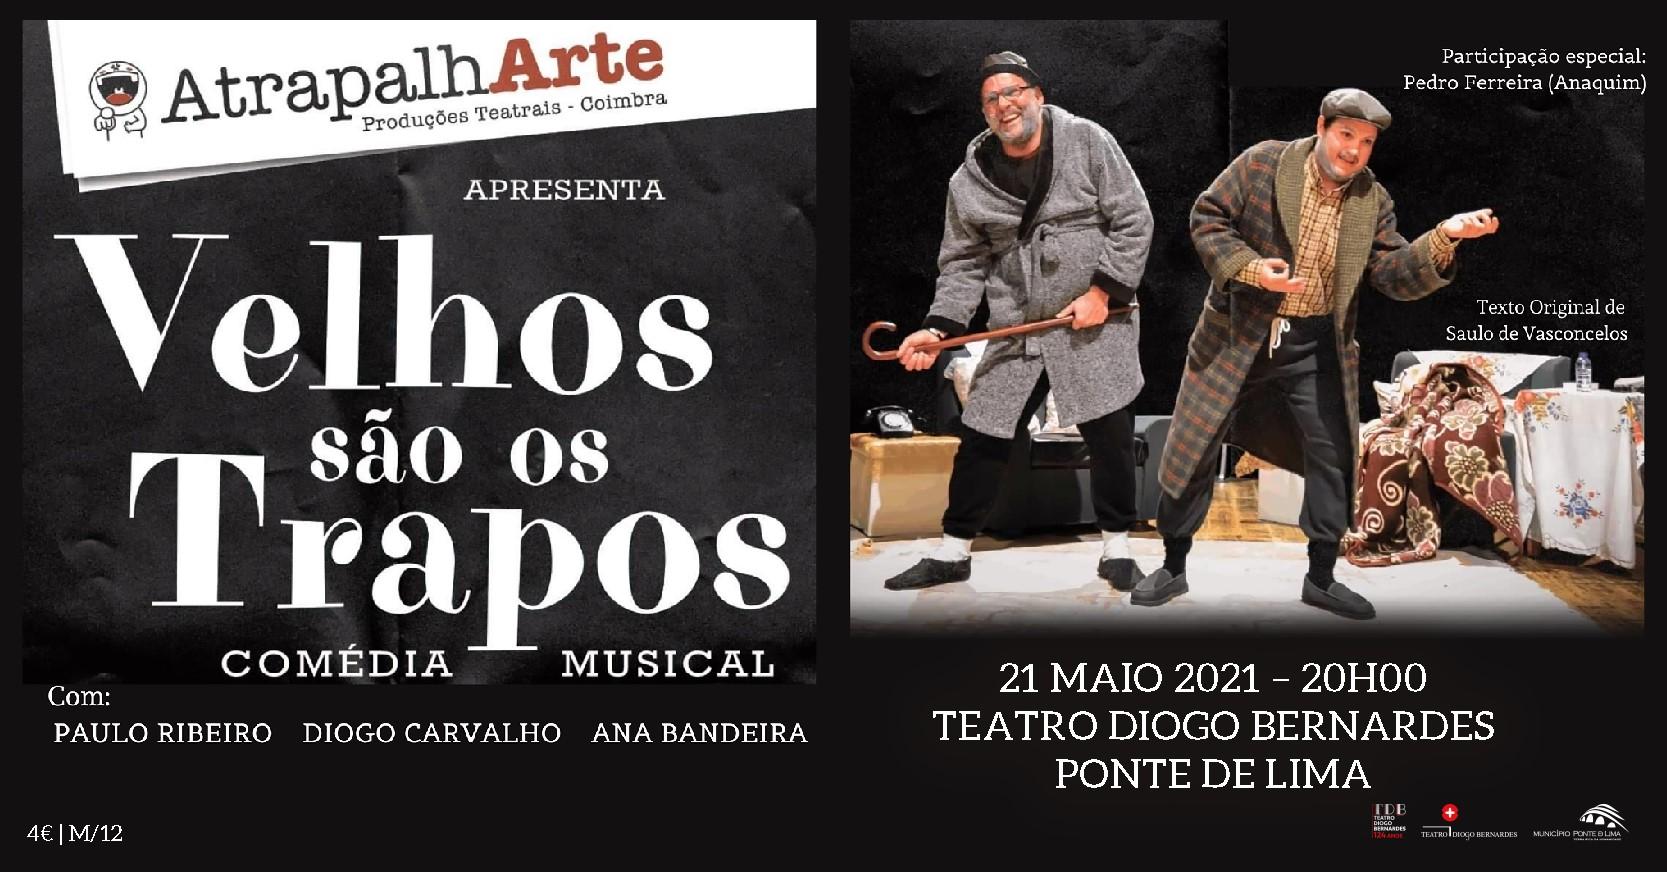 Velhos são os Trapos | Companhia AtrapalhArte - Produções Teatrais | Teatro Diogo Bernardes